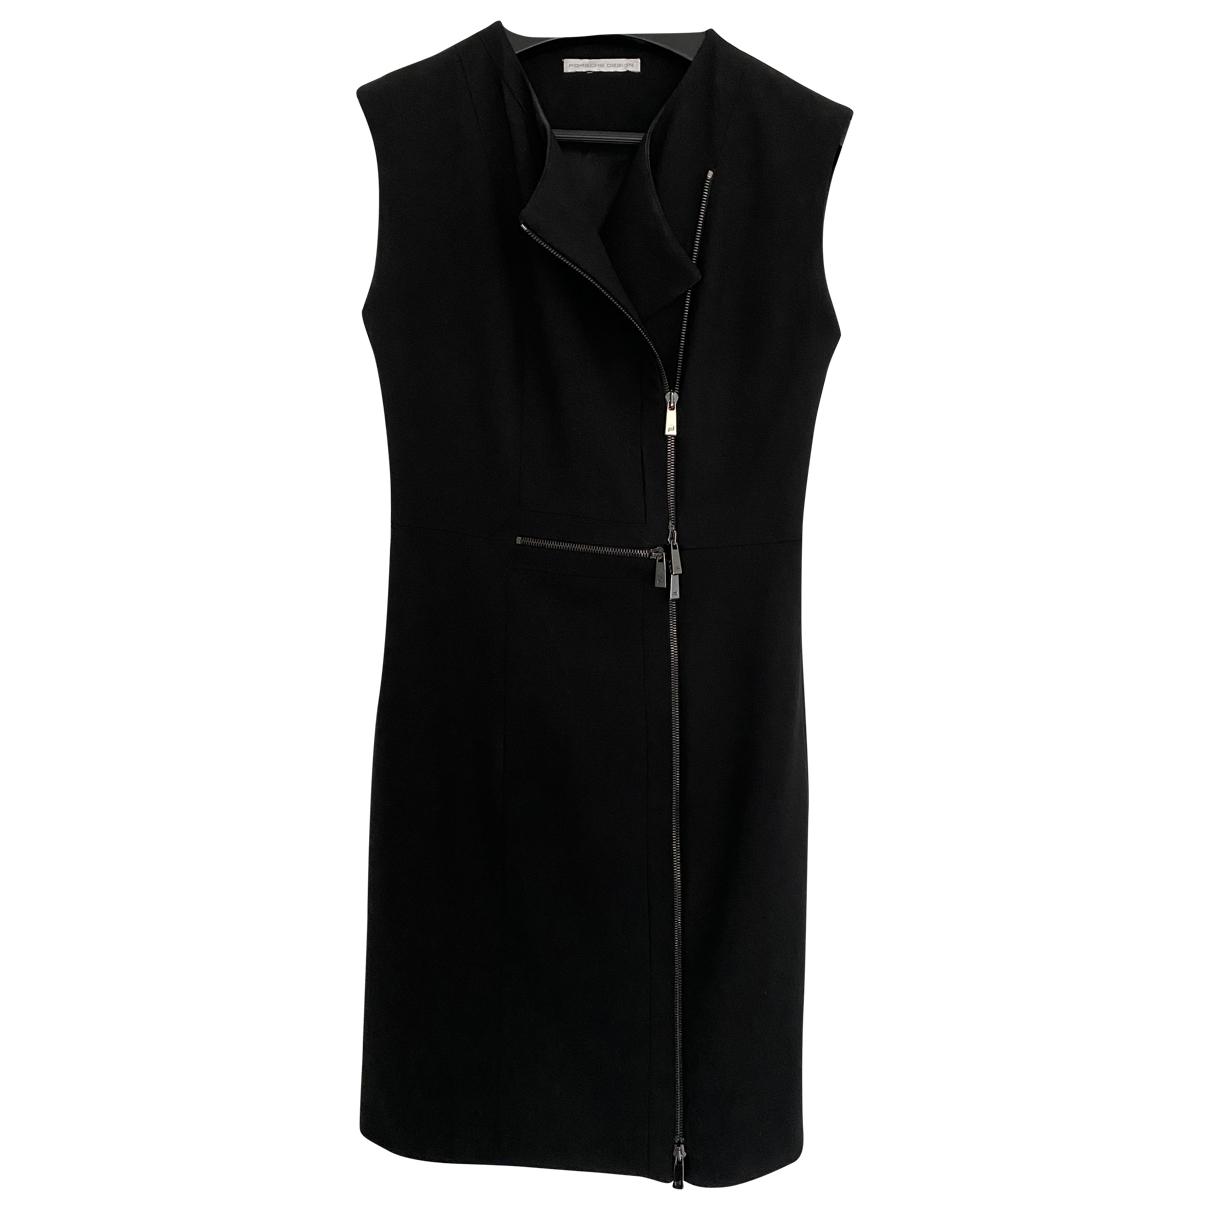 Porsche Design \N Kleid in  Schwarz Baumwolle - Elasthan